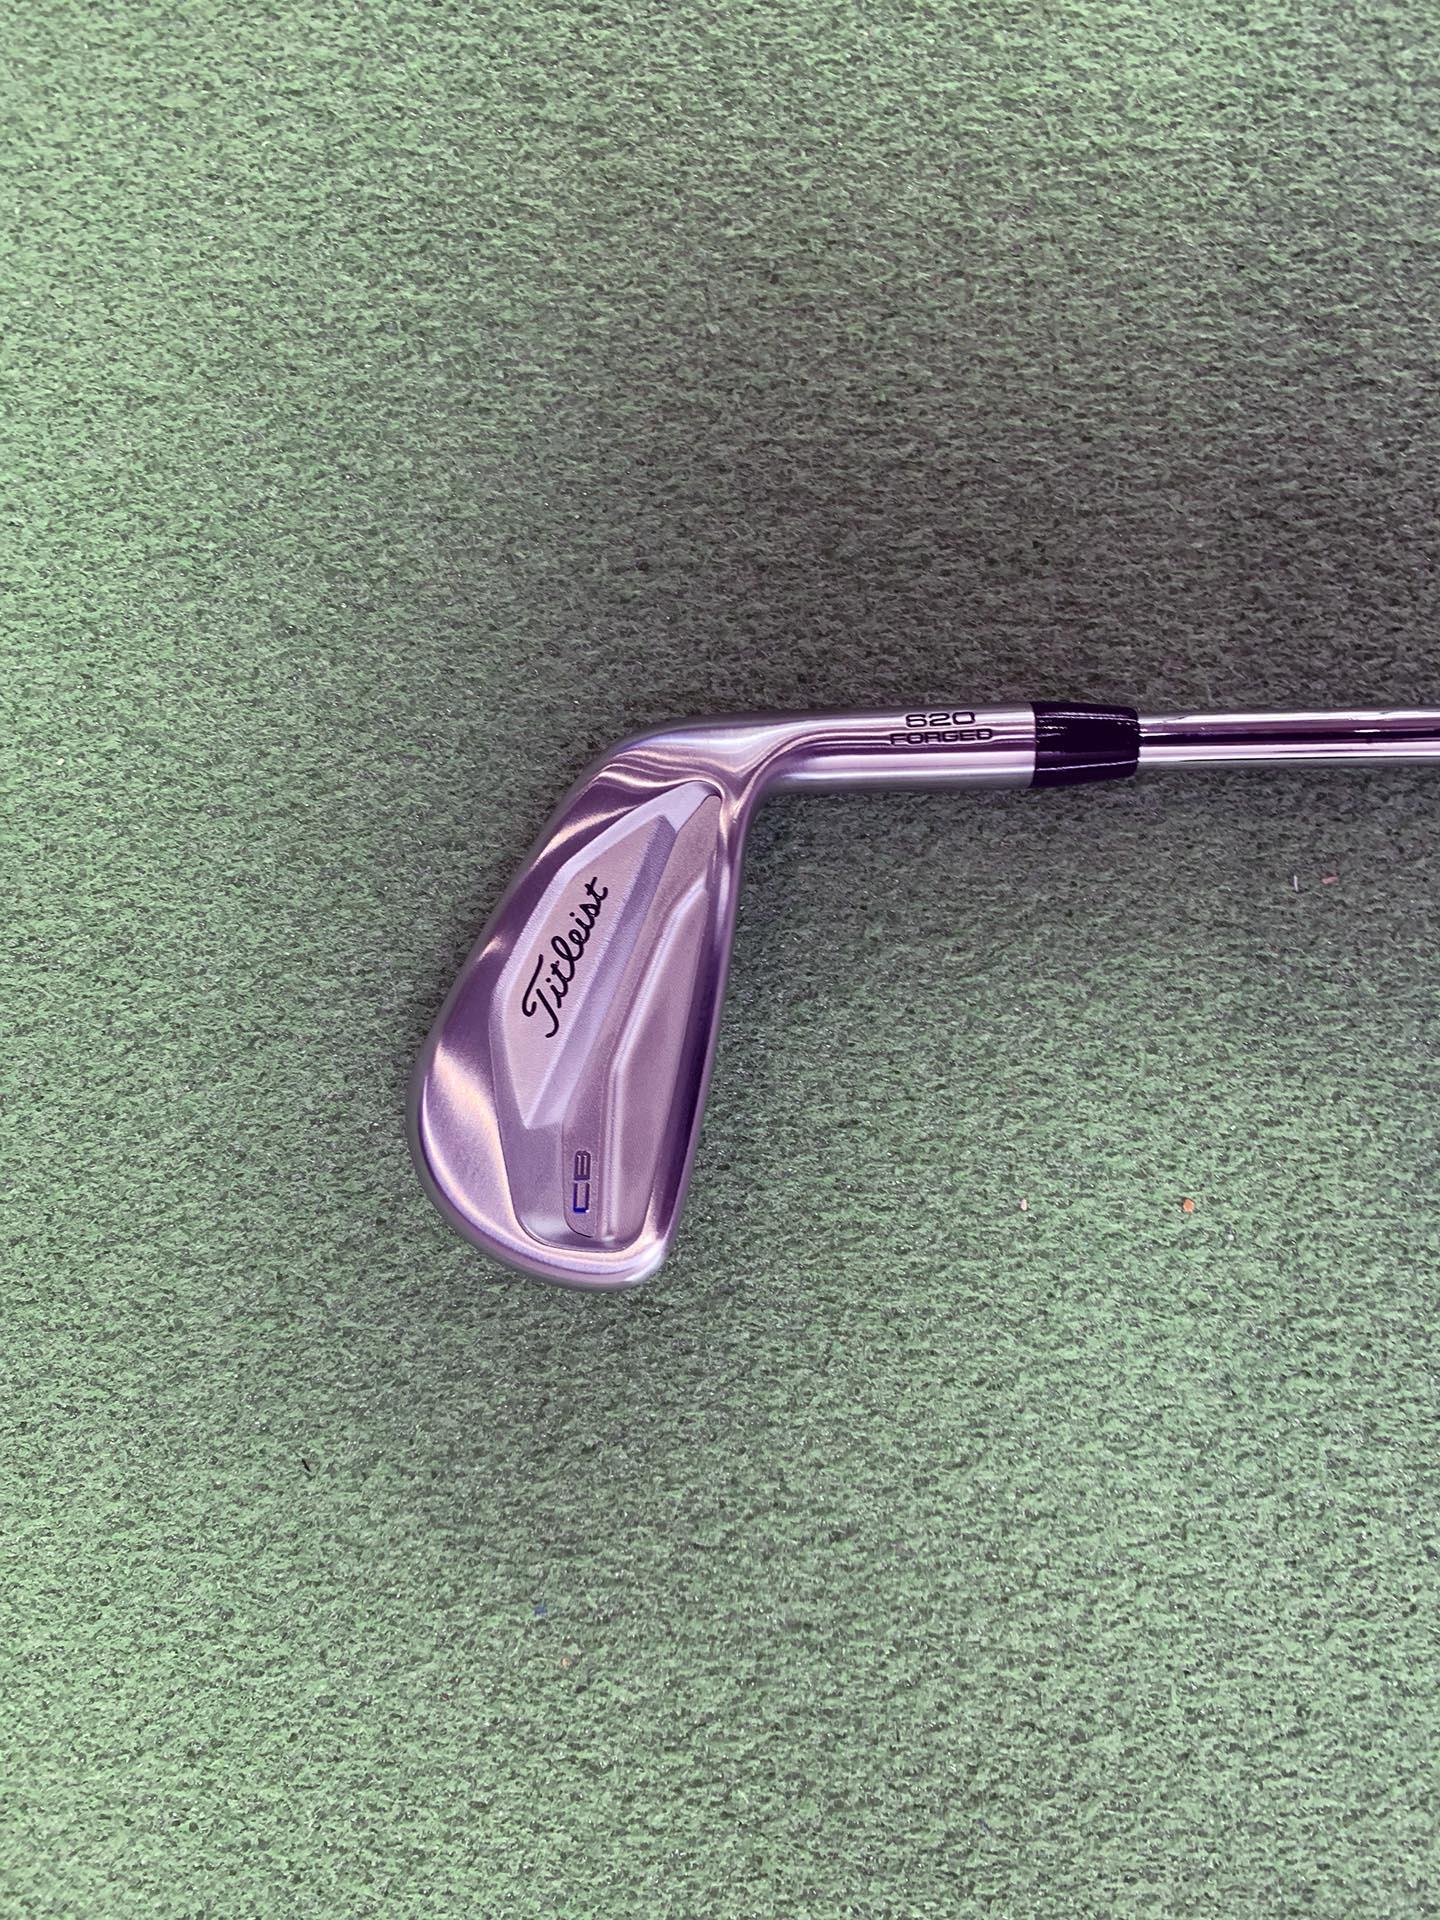 Titleist 620 CB iron